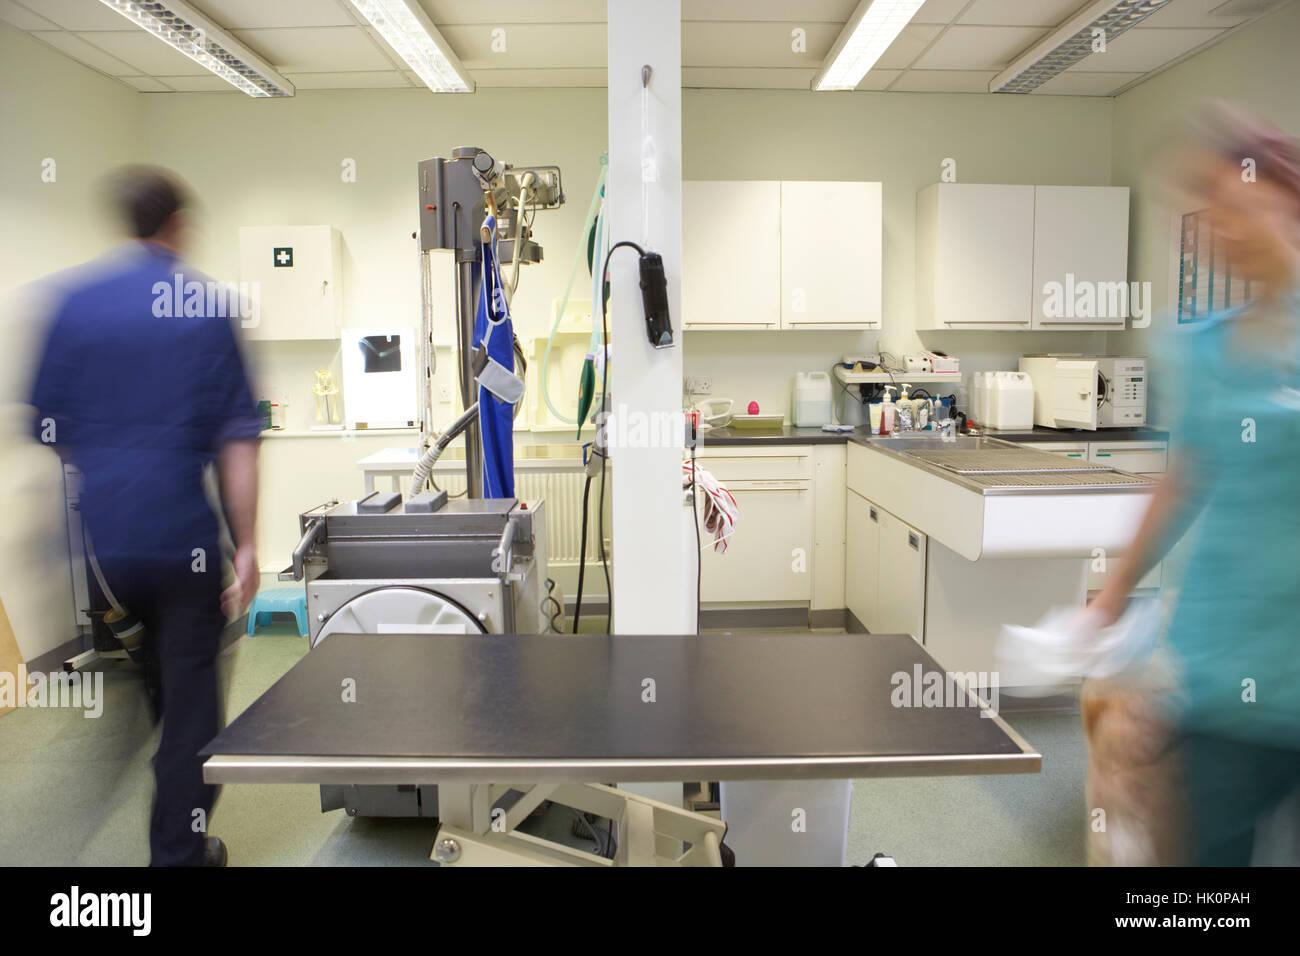 Male Veterinary Surgeon And Nurse Preparing Surgery - Stock Image